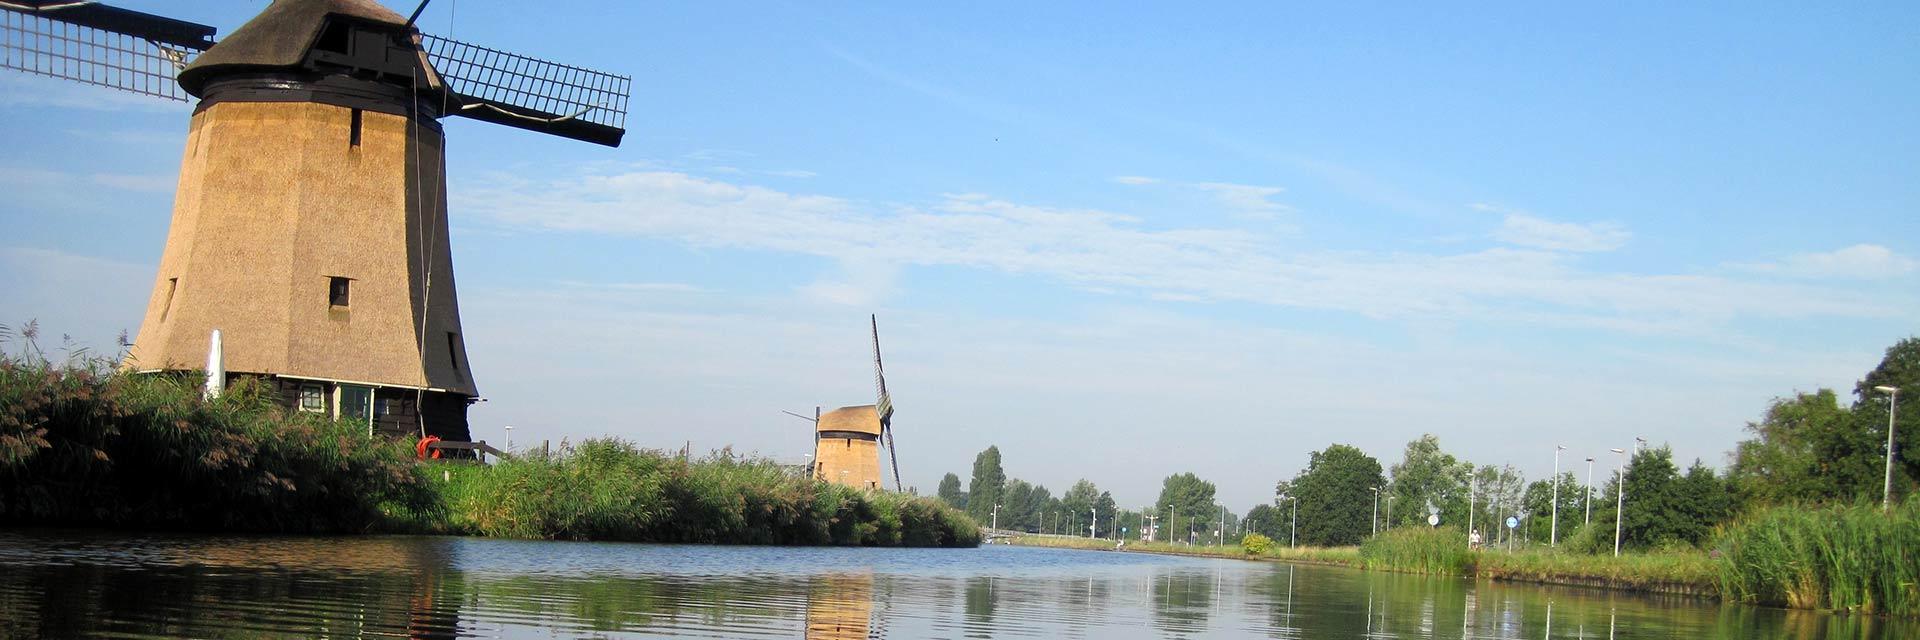 alkmaar-sup-molen